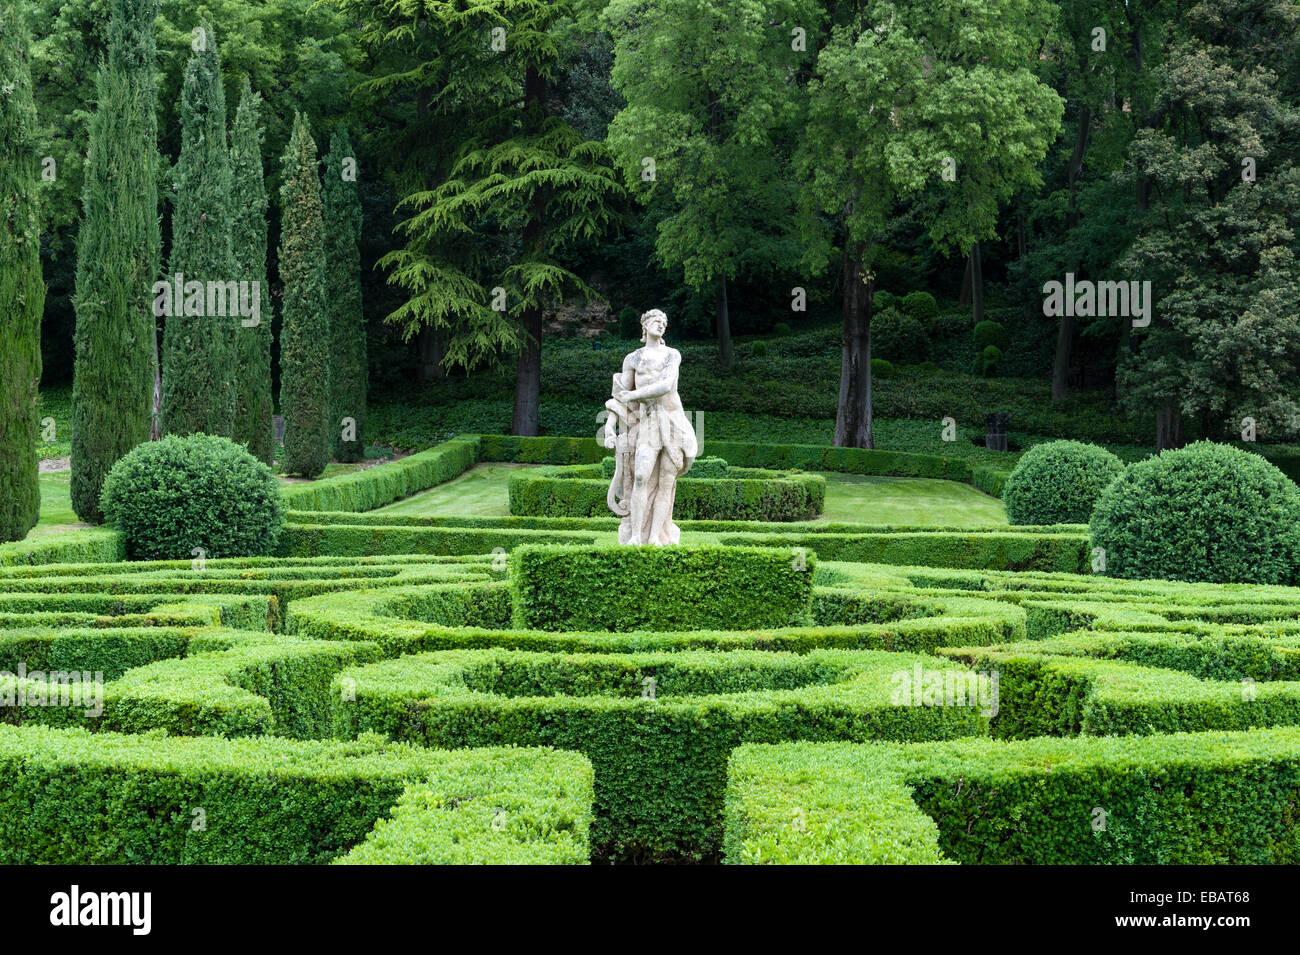 Die renaissance gärten der giardino giusti verona italien eine